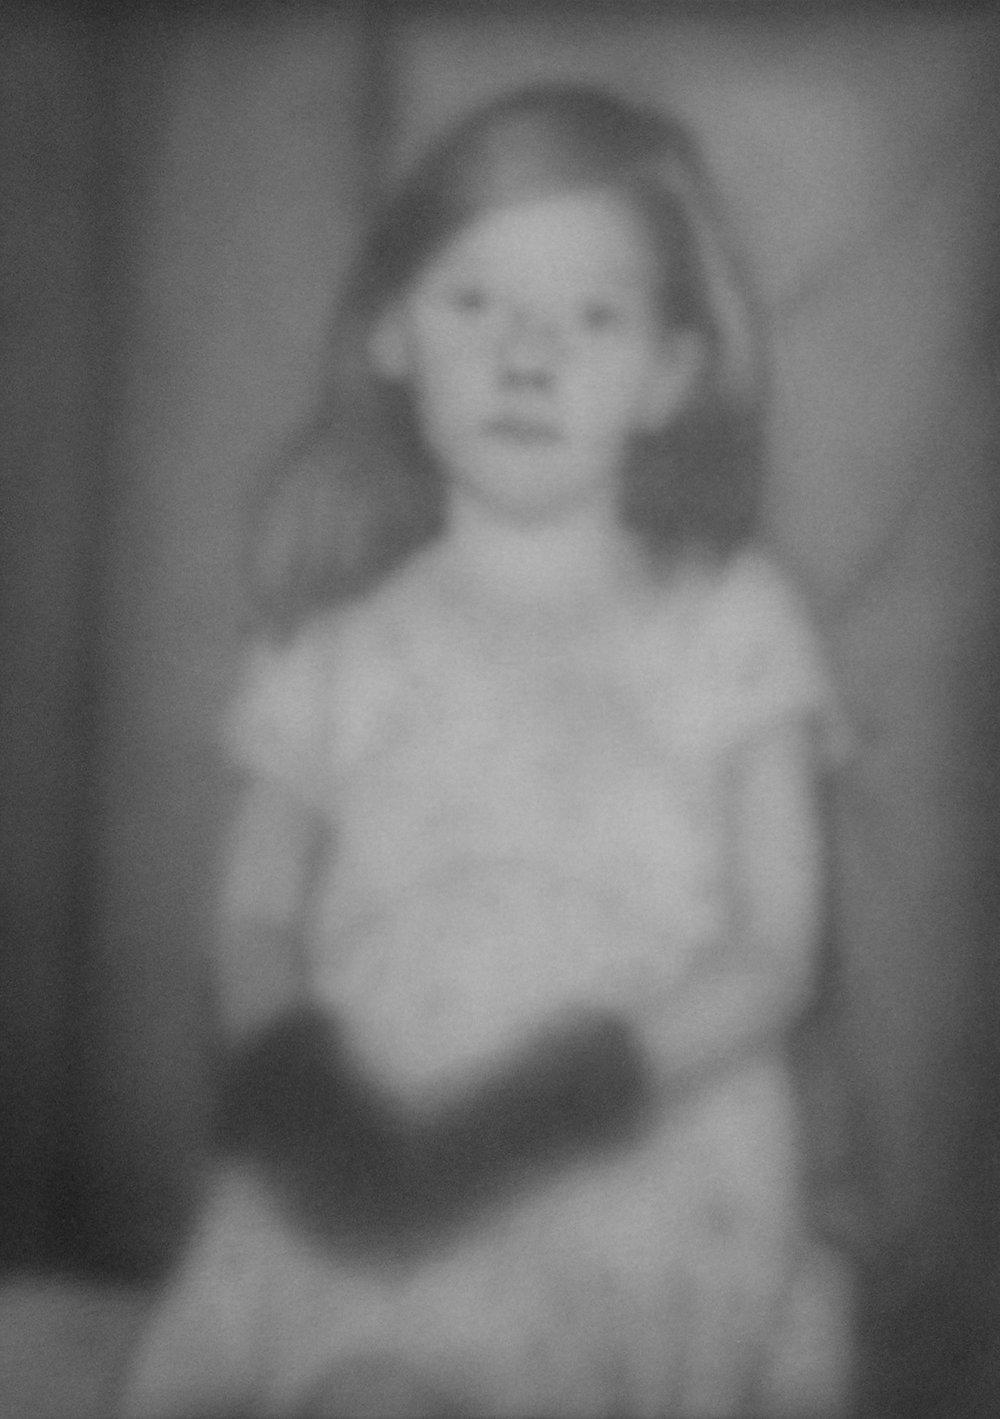 Little Girl Wearing Black Gloves